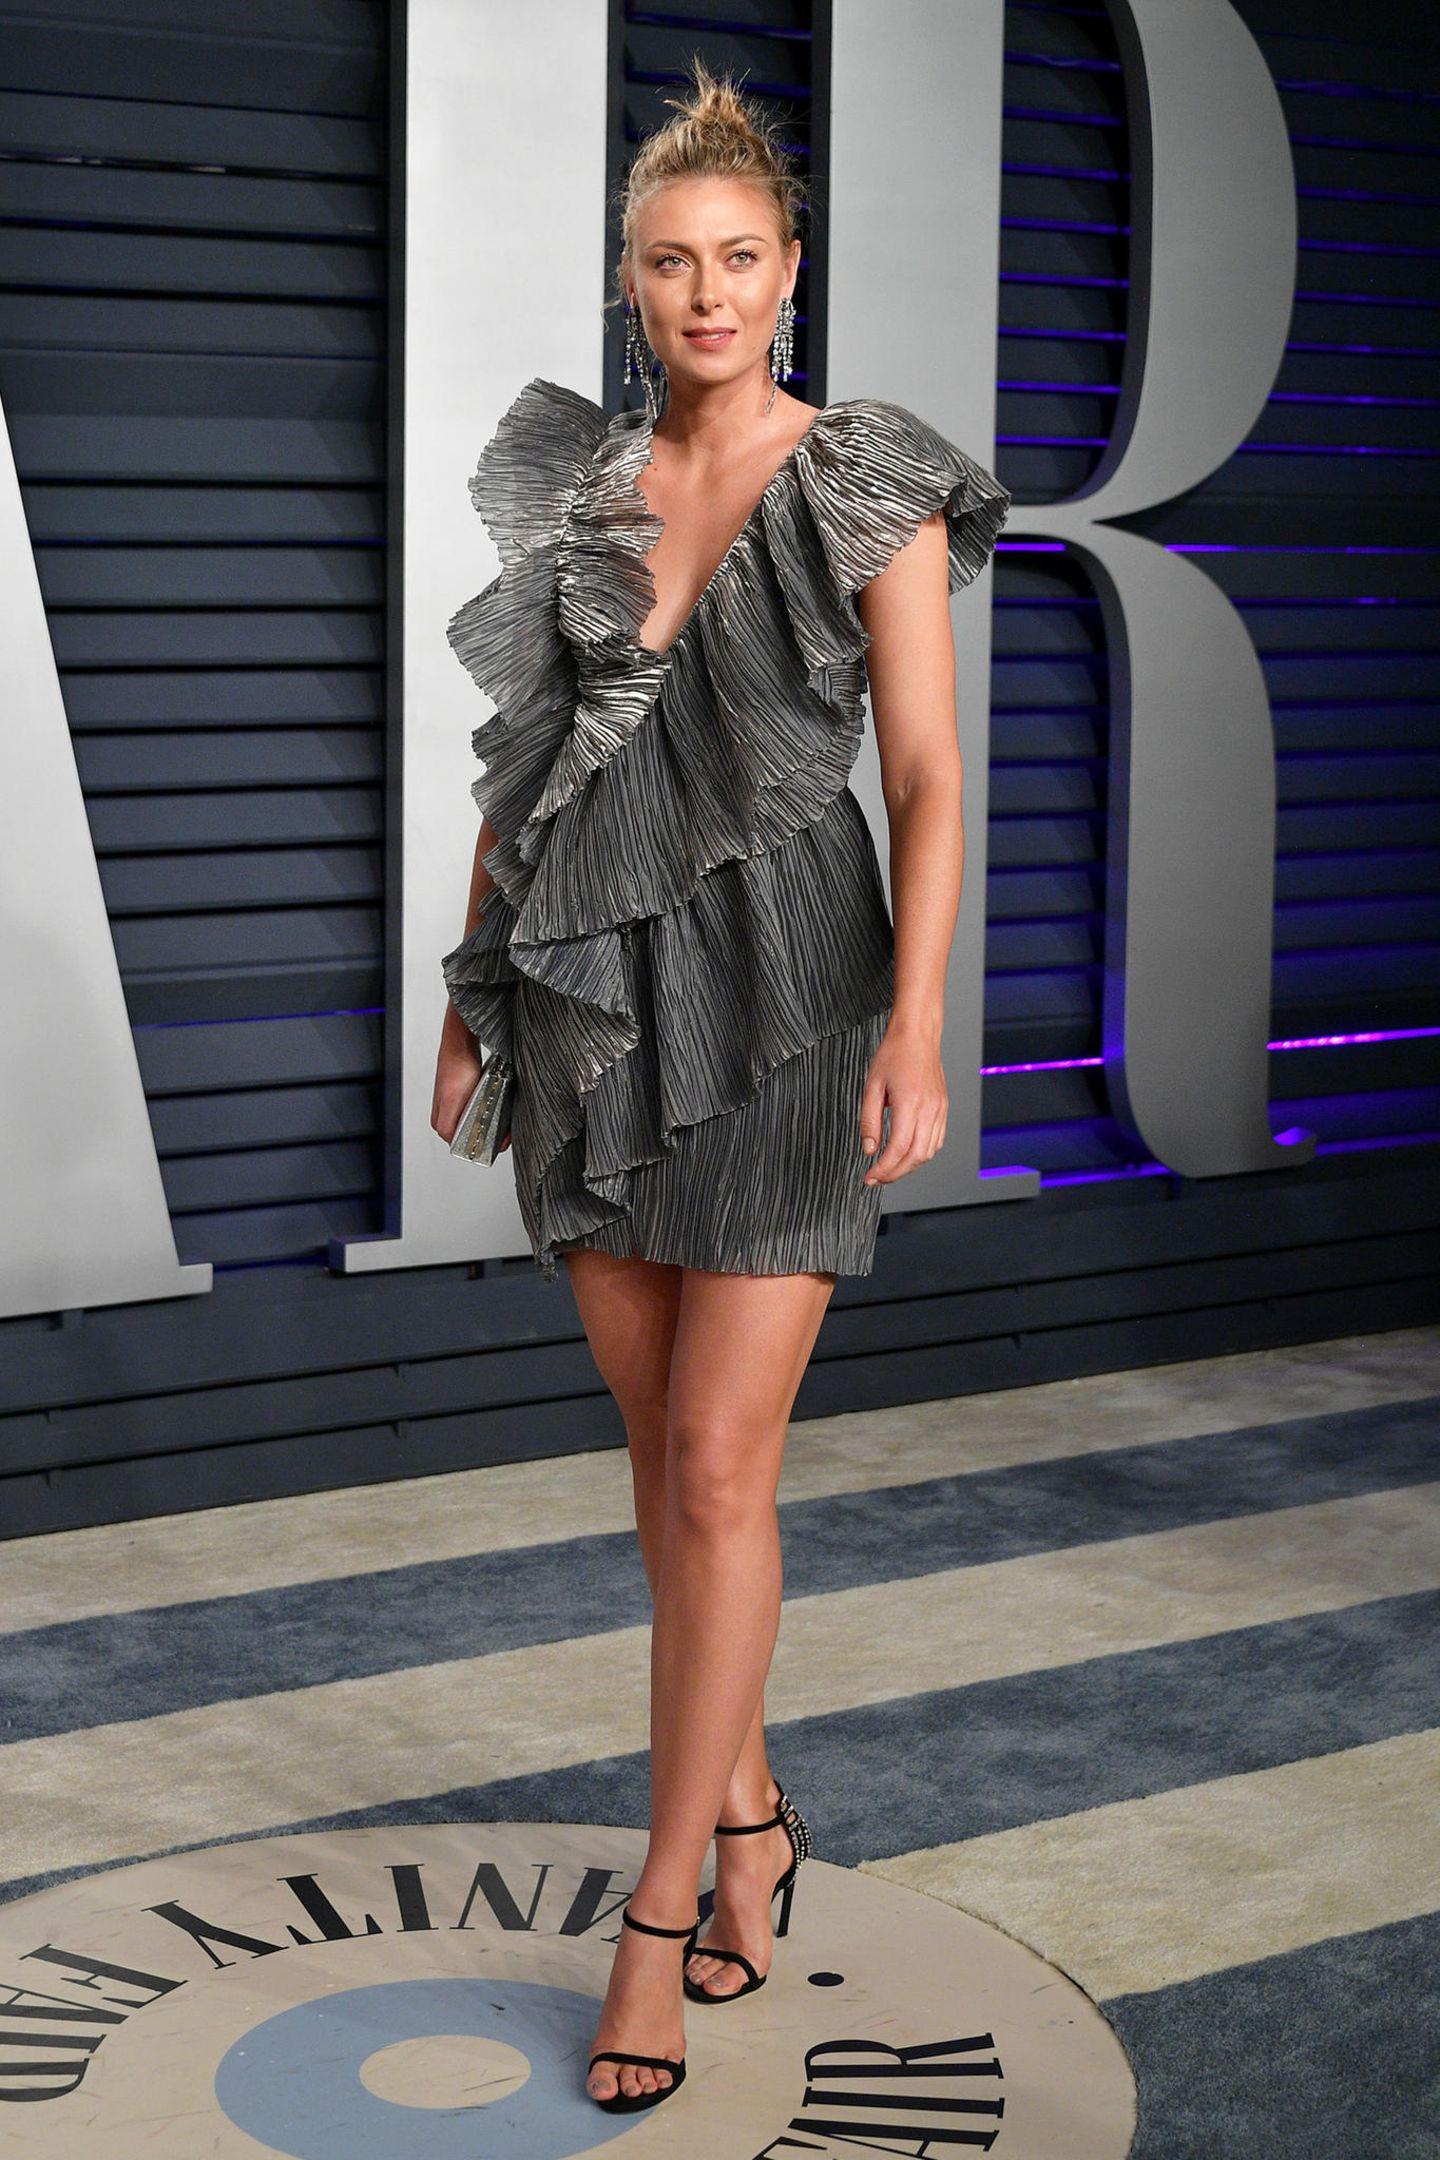 Maria Sharapova kleidet sich für die Vanity Fair Party in silbrigem Volant-Look.